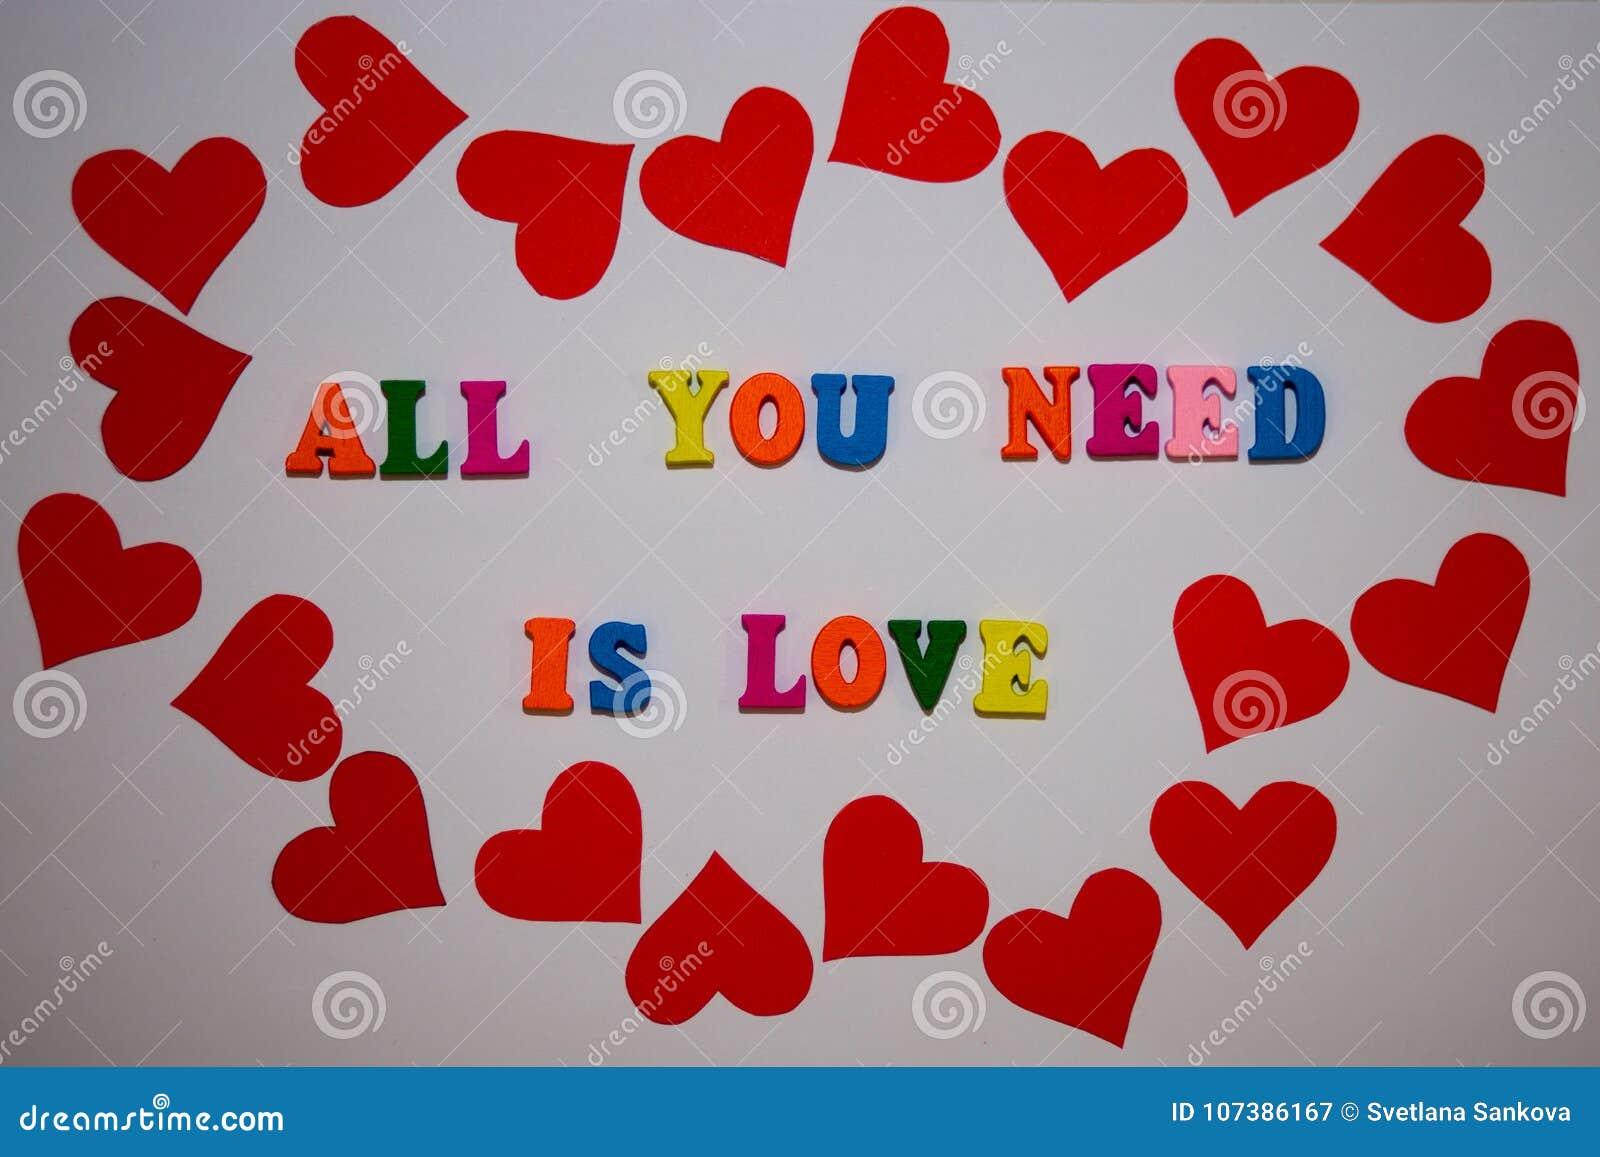 Tutto che abbiate bisogno di è messaggio di amore dalle lettere multicolori dell alfabeto su fondo bianco